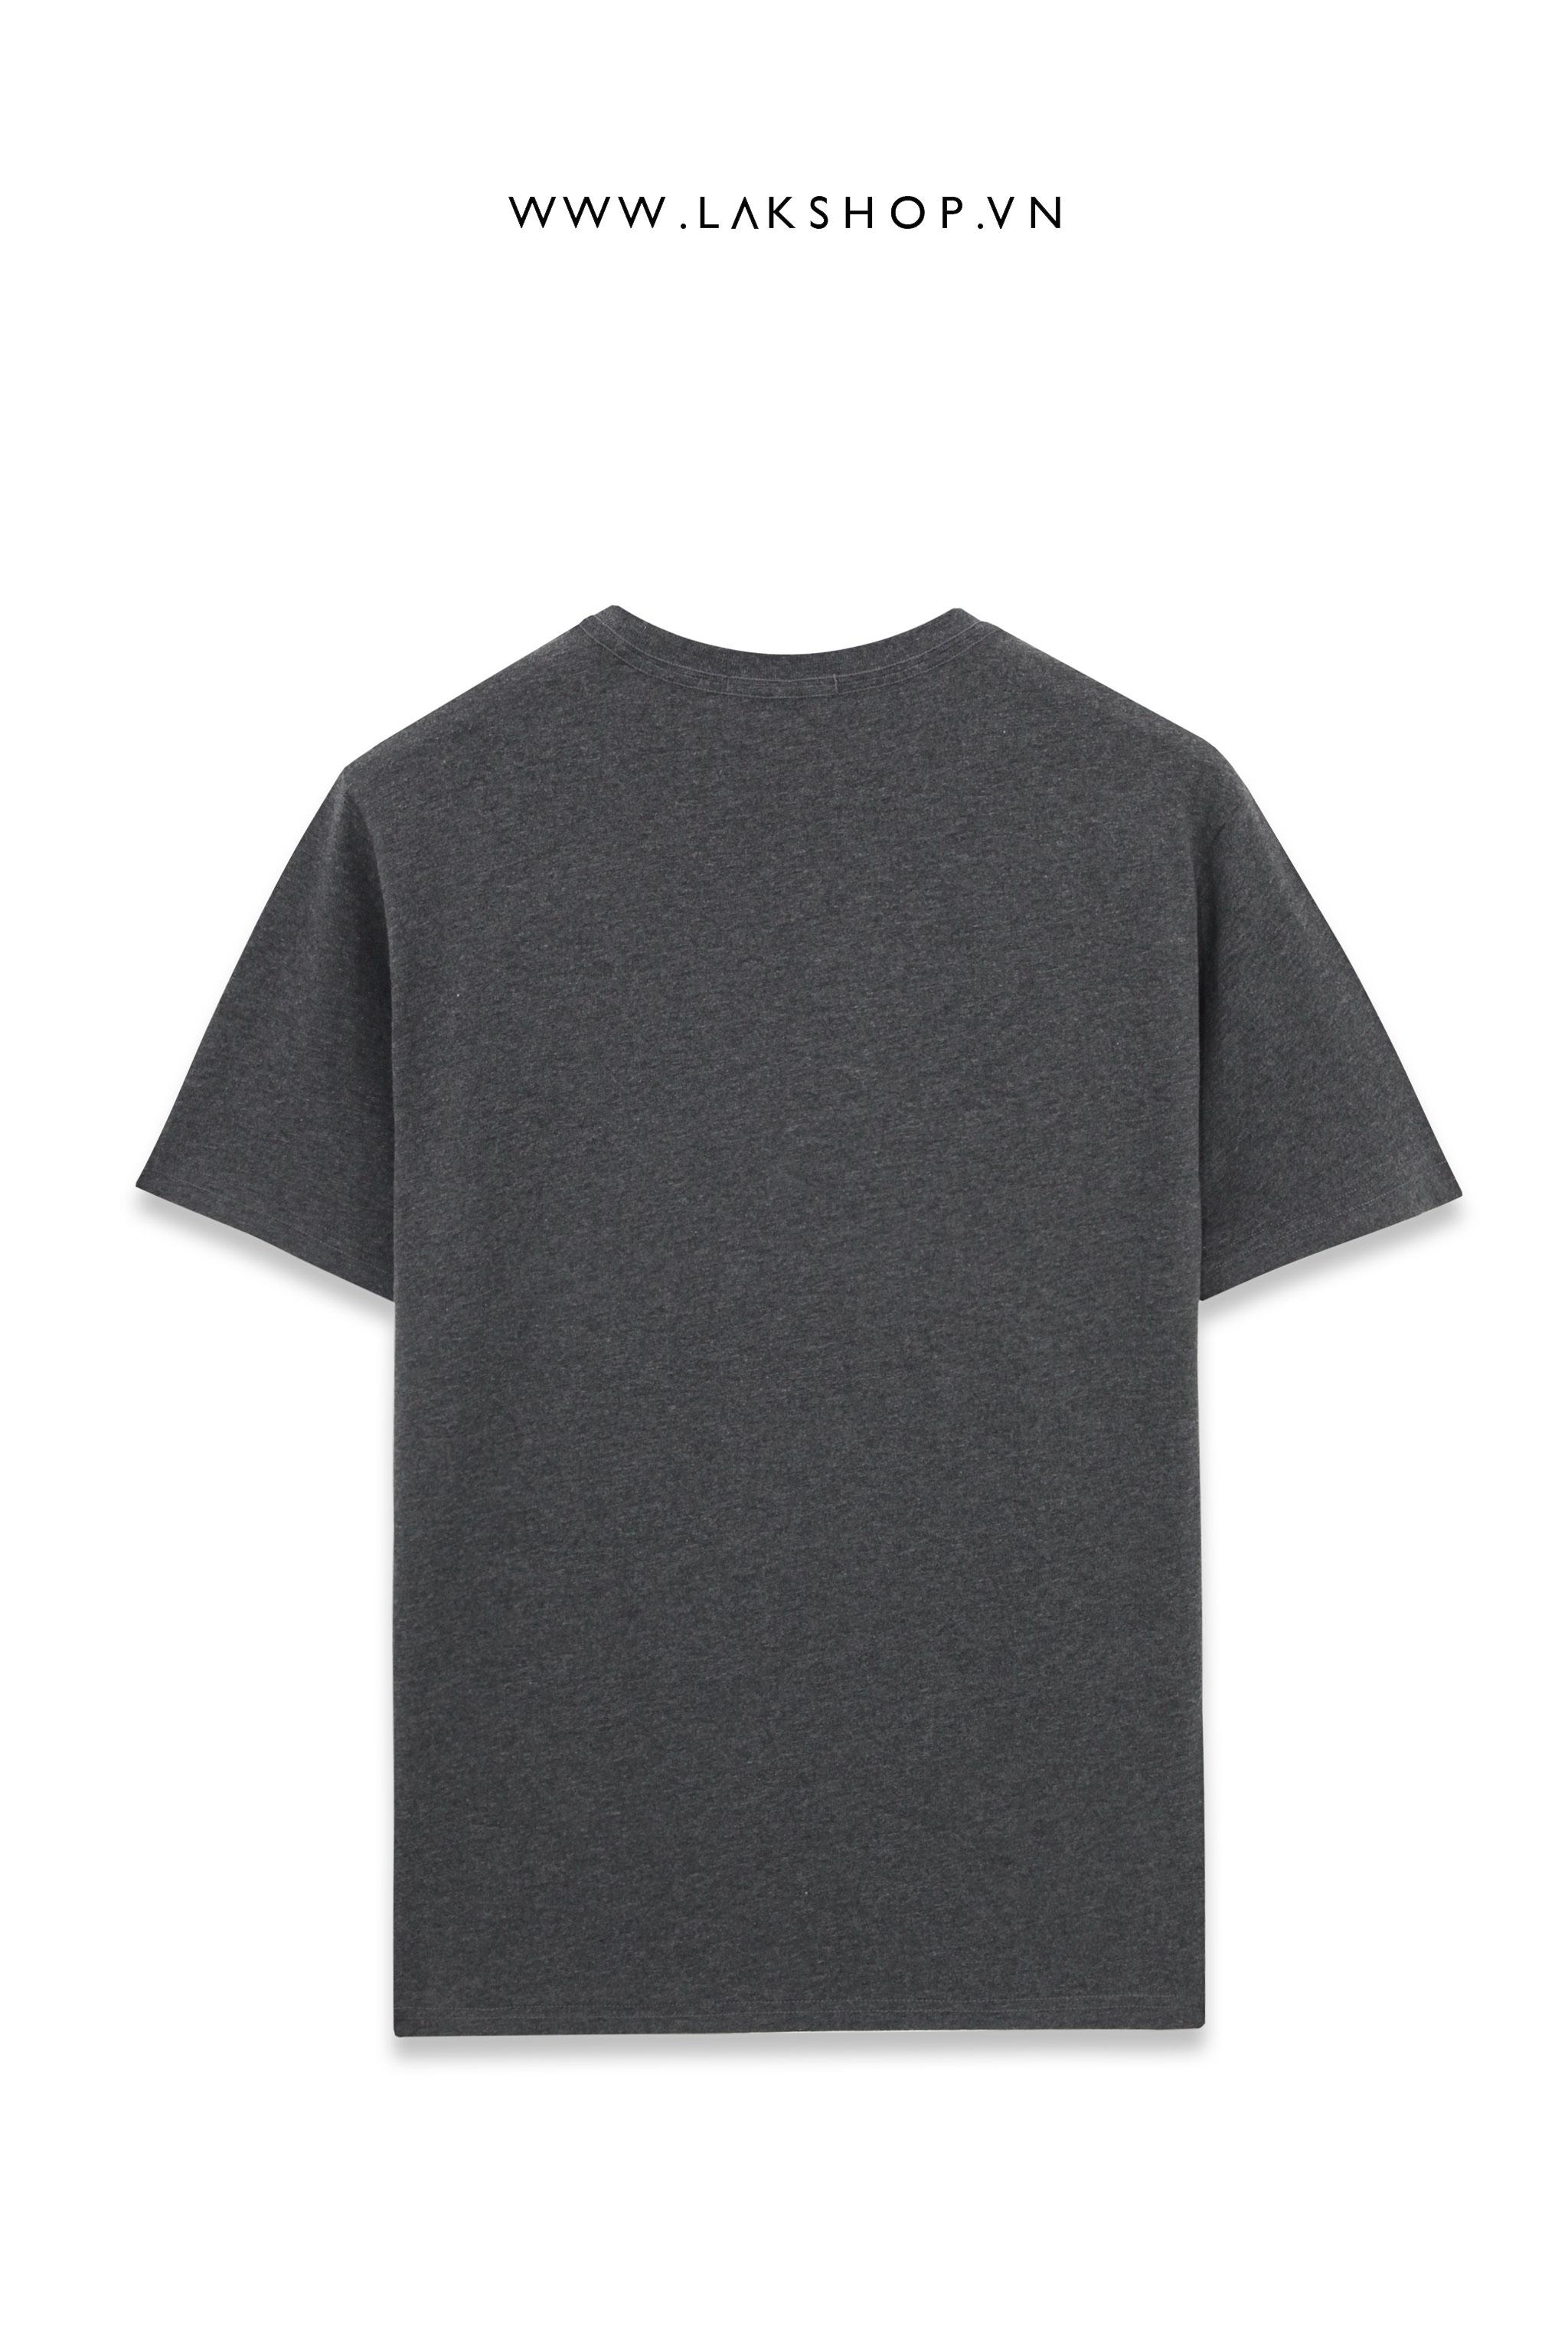 Balenciaga Black Velvet Logo Oversized Black T-shirt